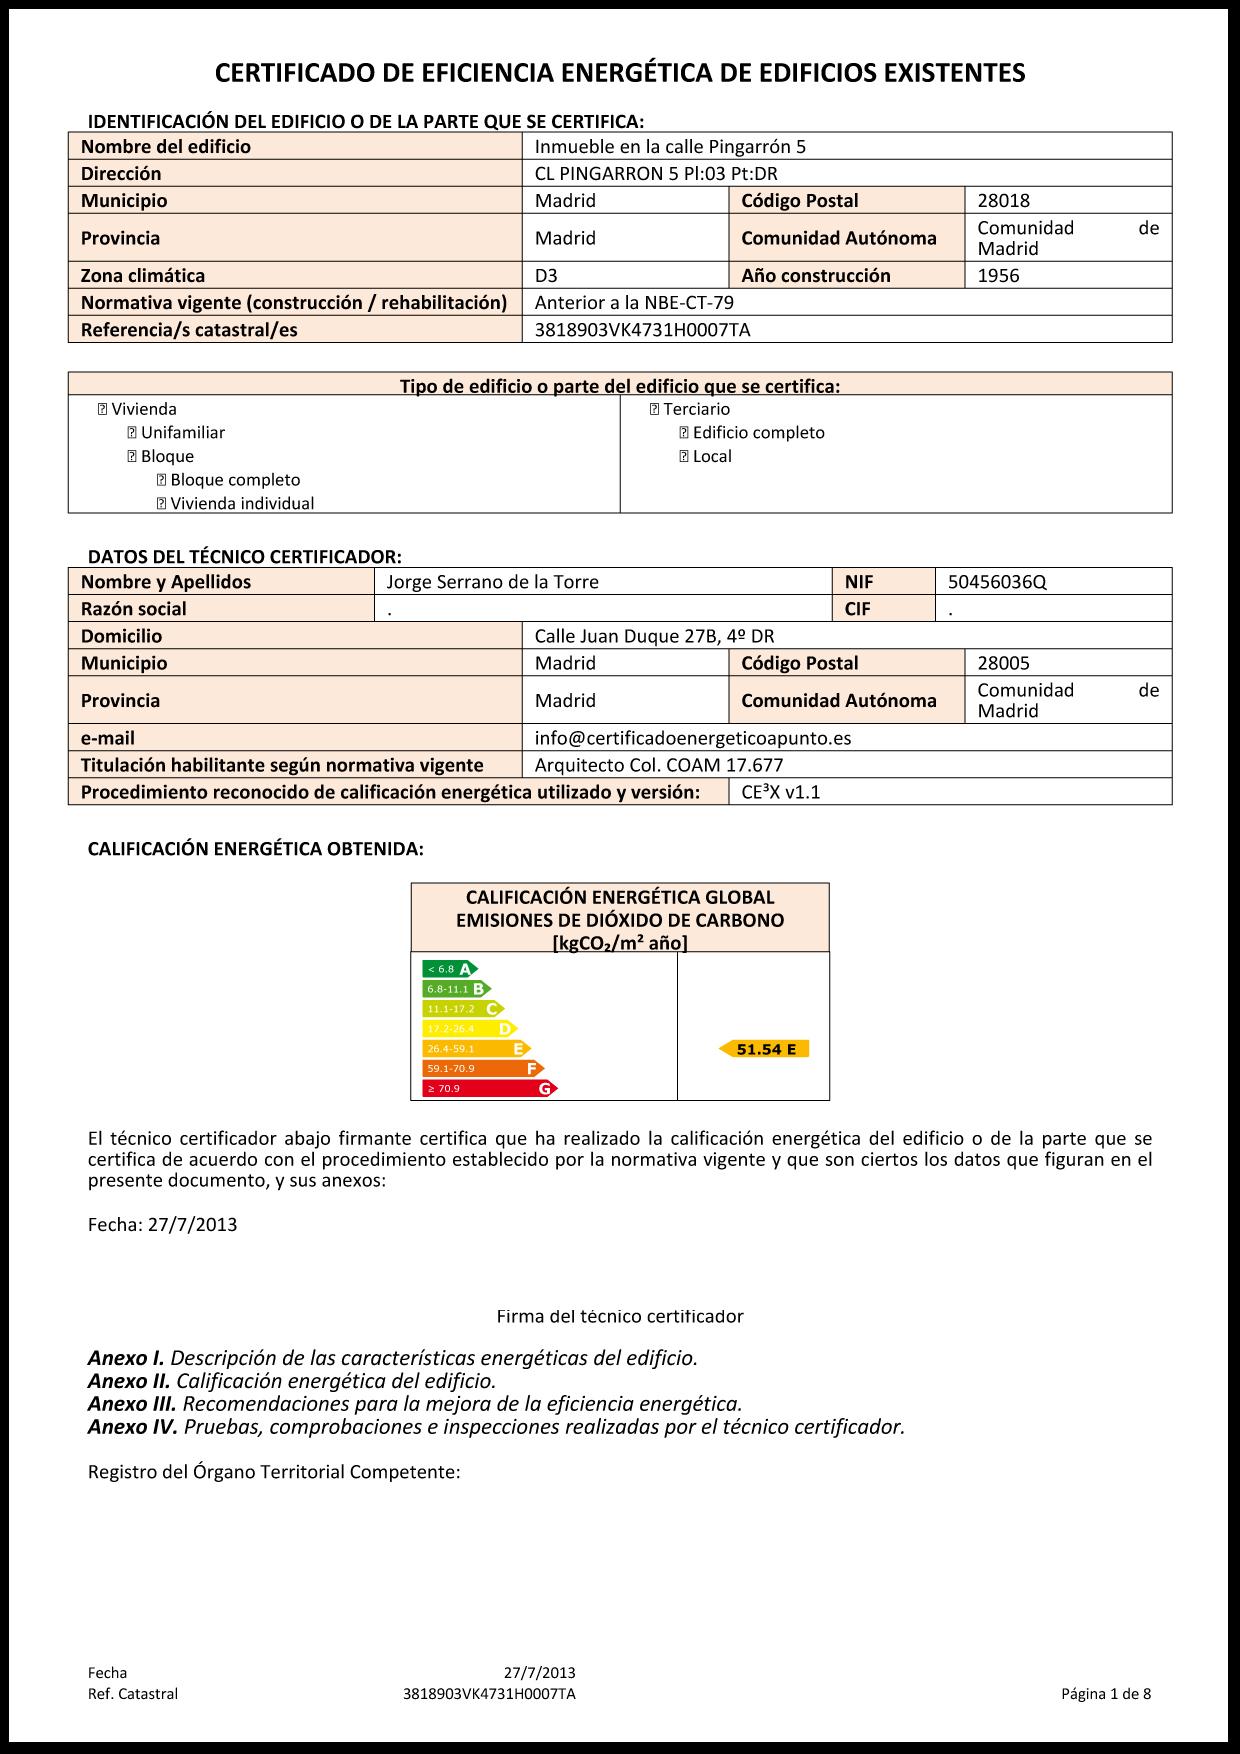 certificado energetico ejemplo